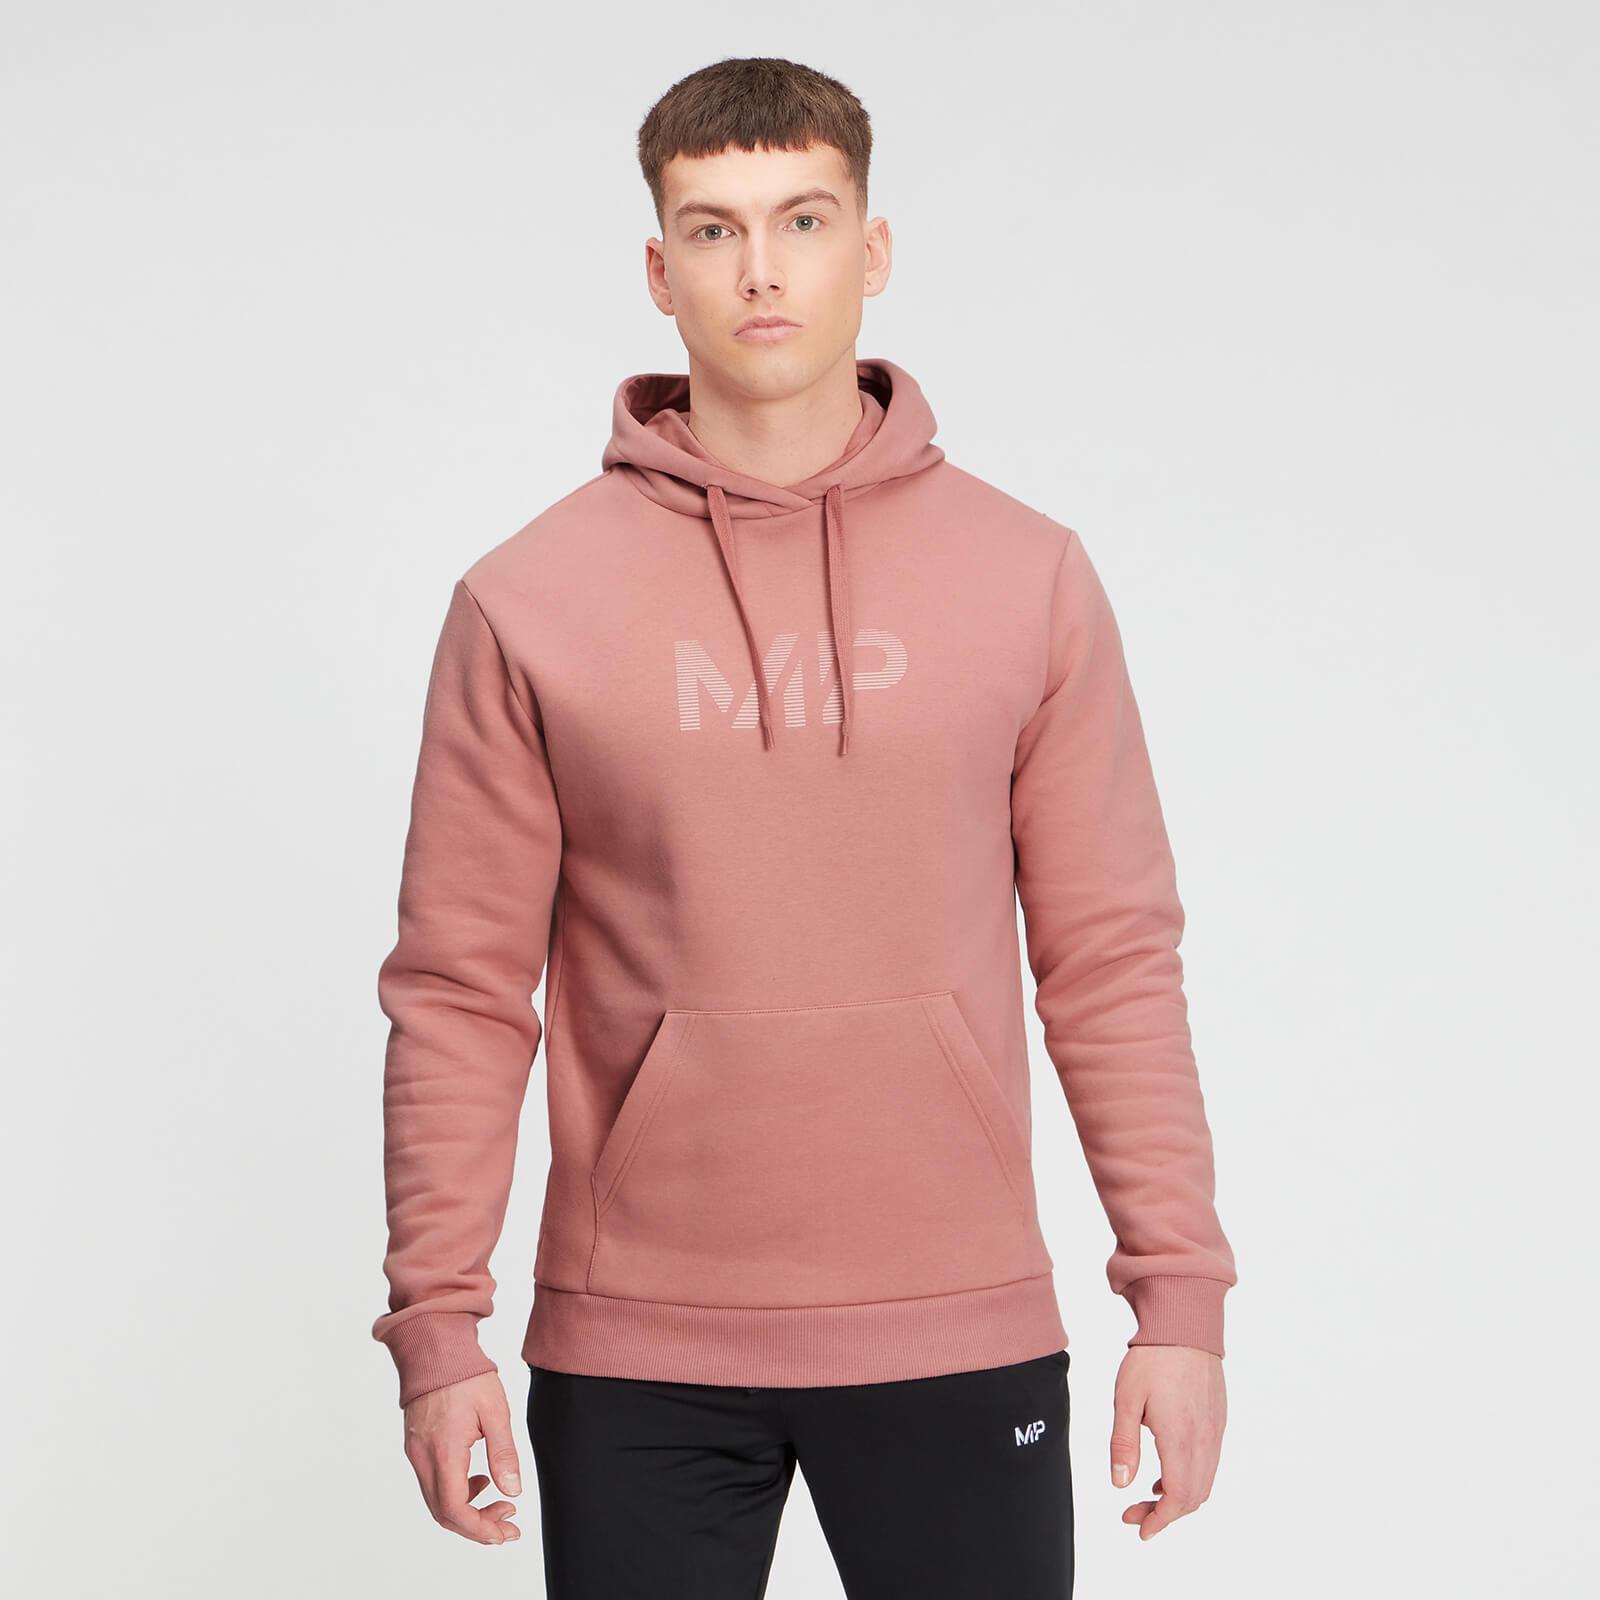 MP Men's Gradient Line Graphic Hoodie - Washed Pink - XXL, Myprotein International  - купить со скидкой